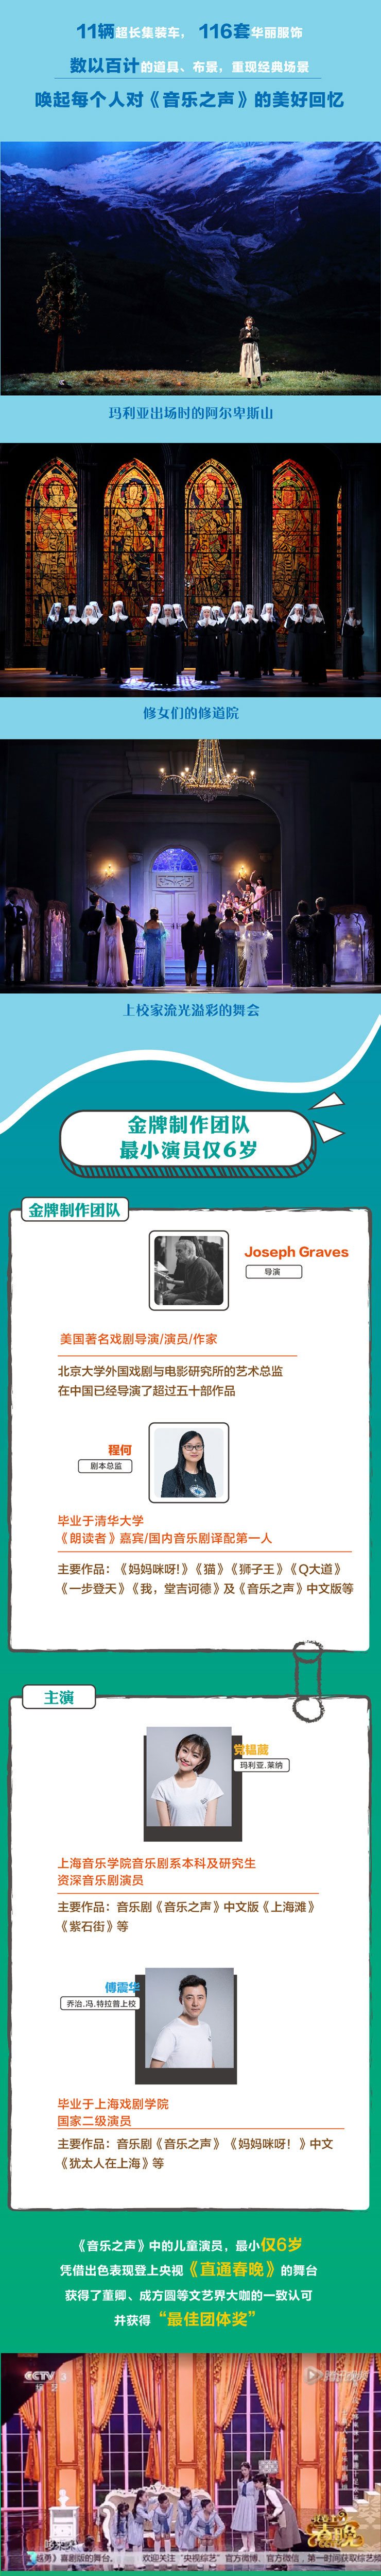 TSOM-开票长图-北京-家庭套票-03.jpg